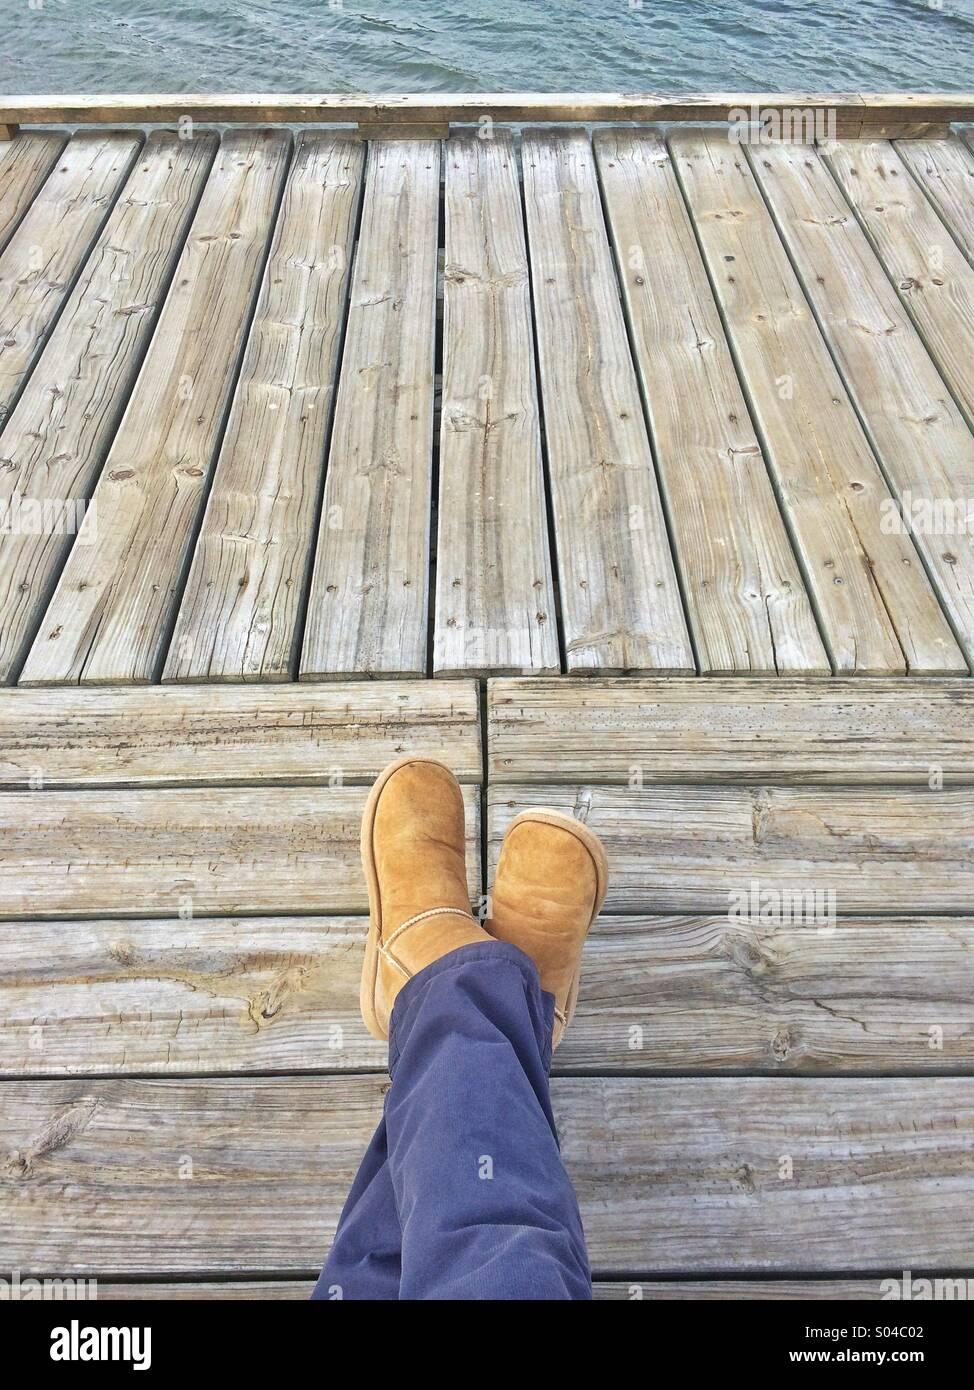 Rilassate le gambe incrociate sul ponte di legno a guardare verso l'acqua Immagini Stock